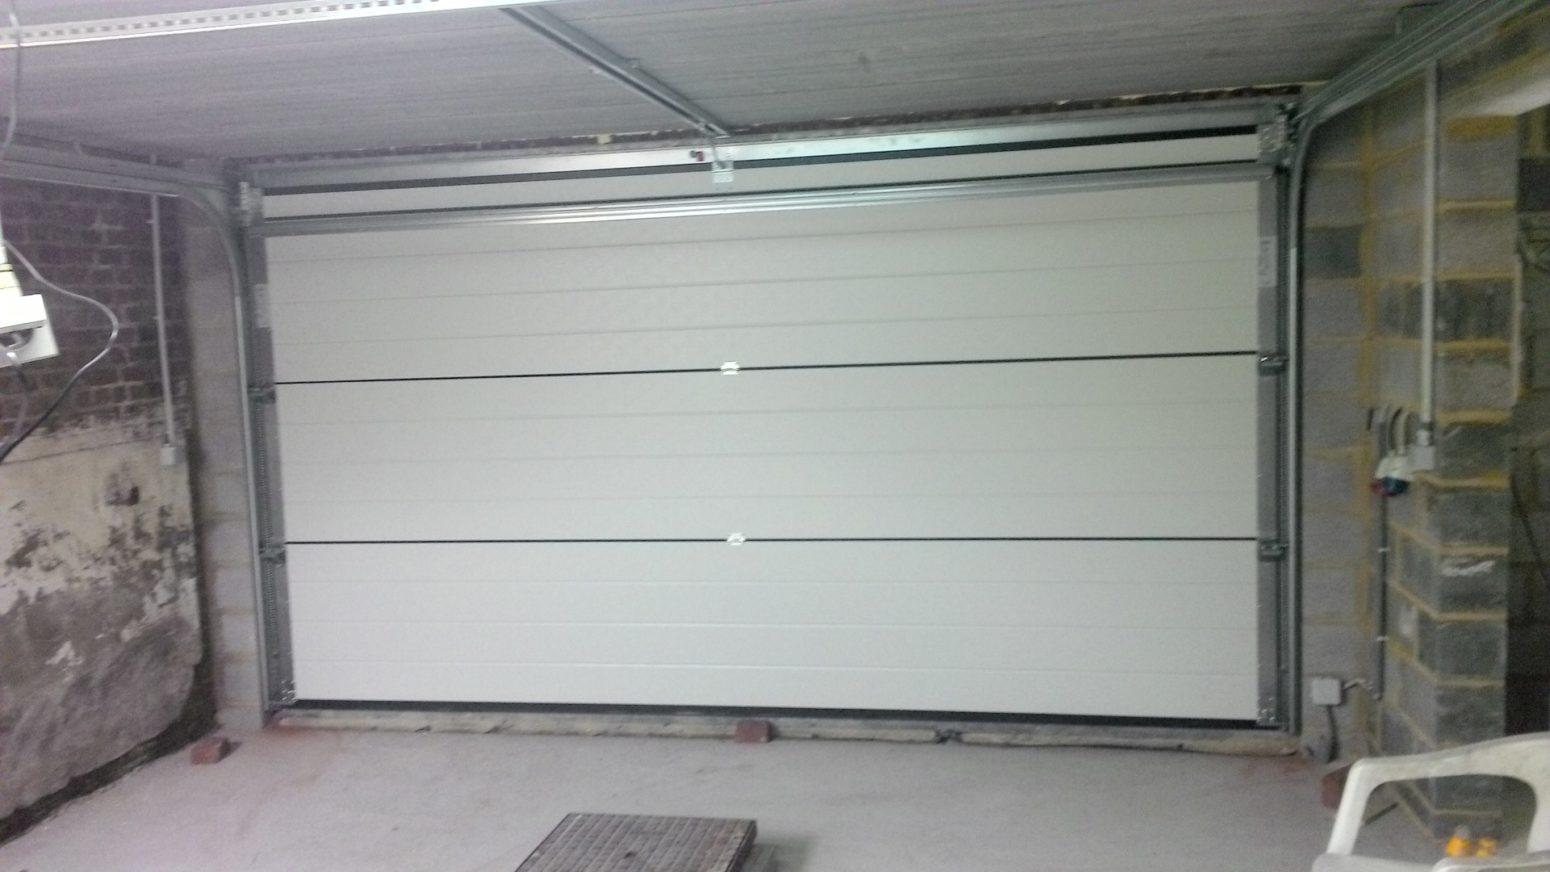 nrx binnekant wit